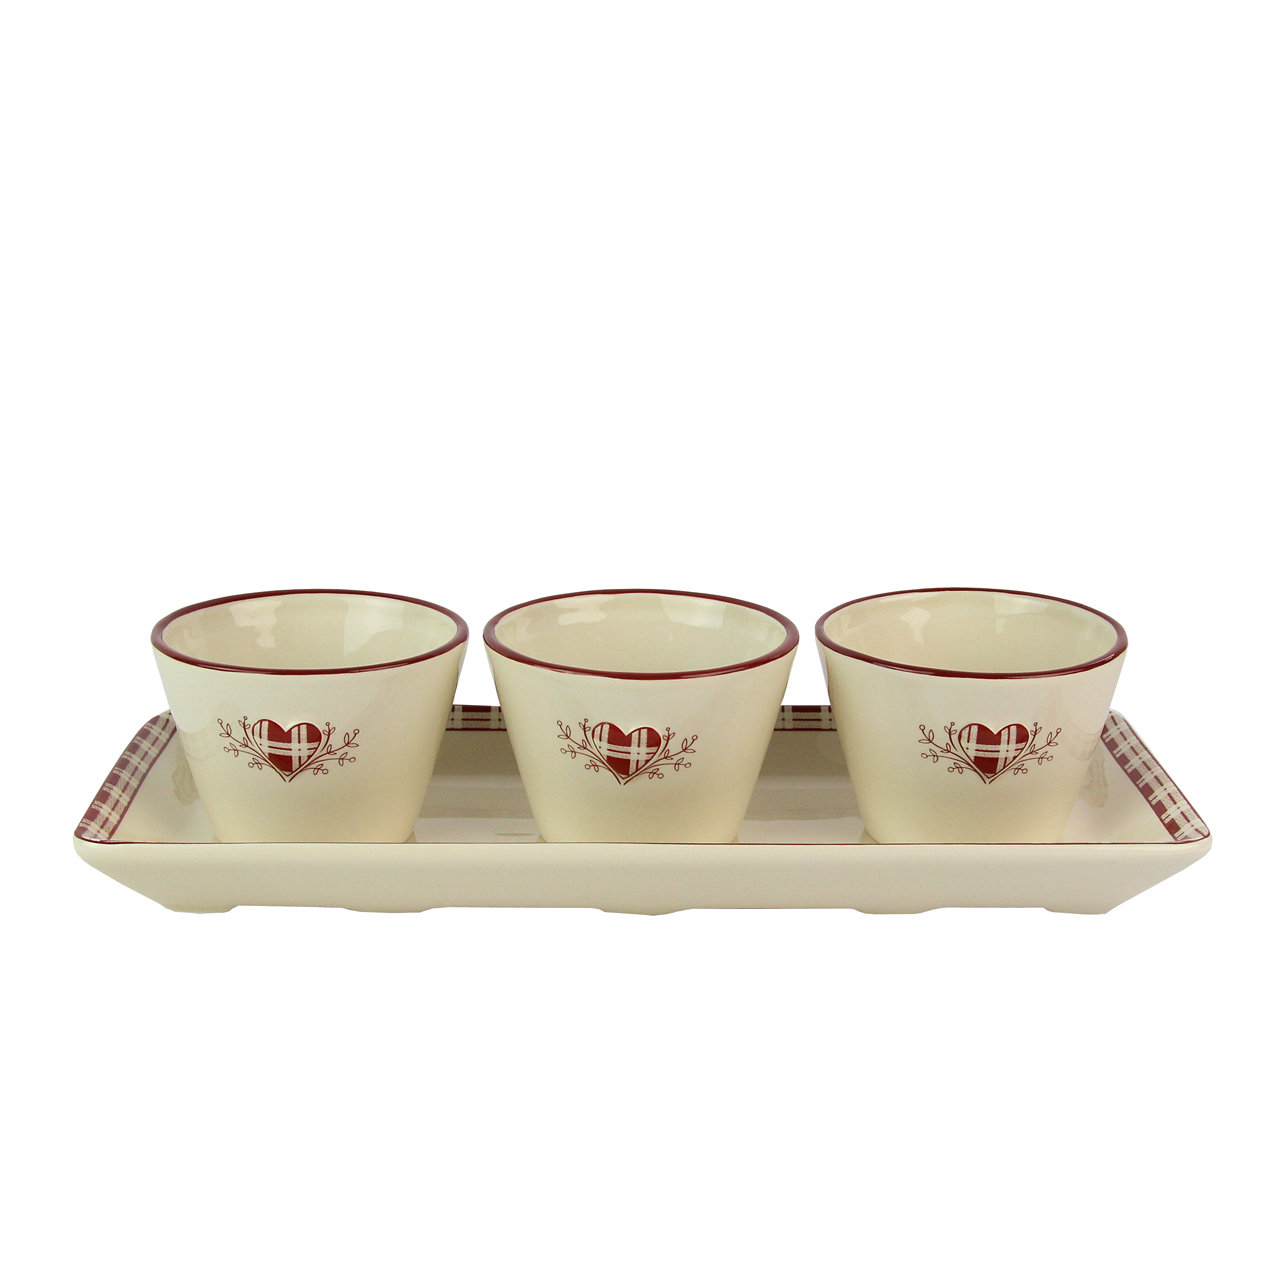 Tava Cu 3 Recipiente Din Ceramica Bej Cu Visiniu